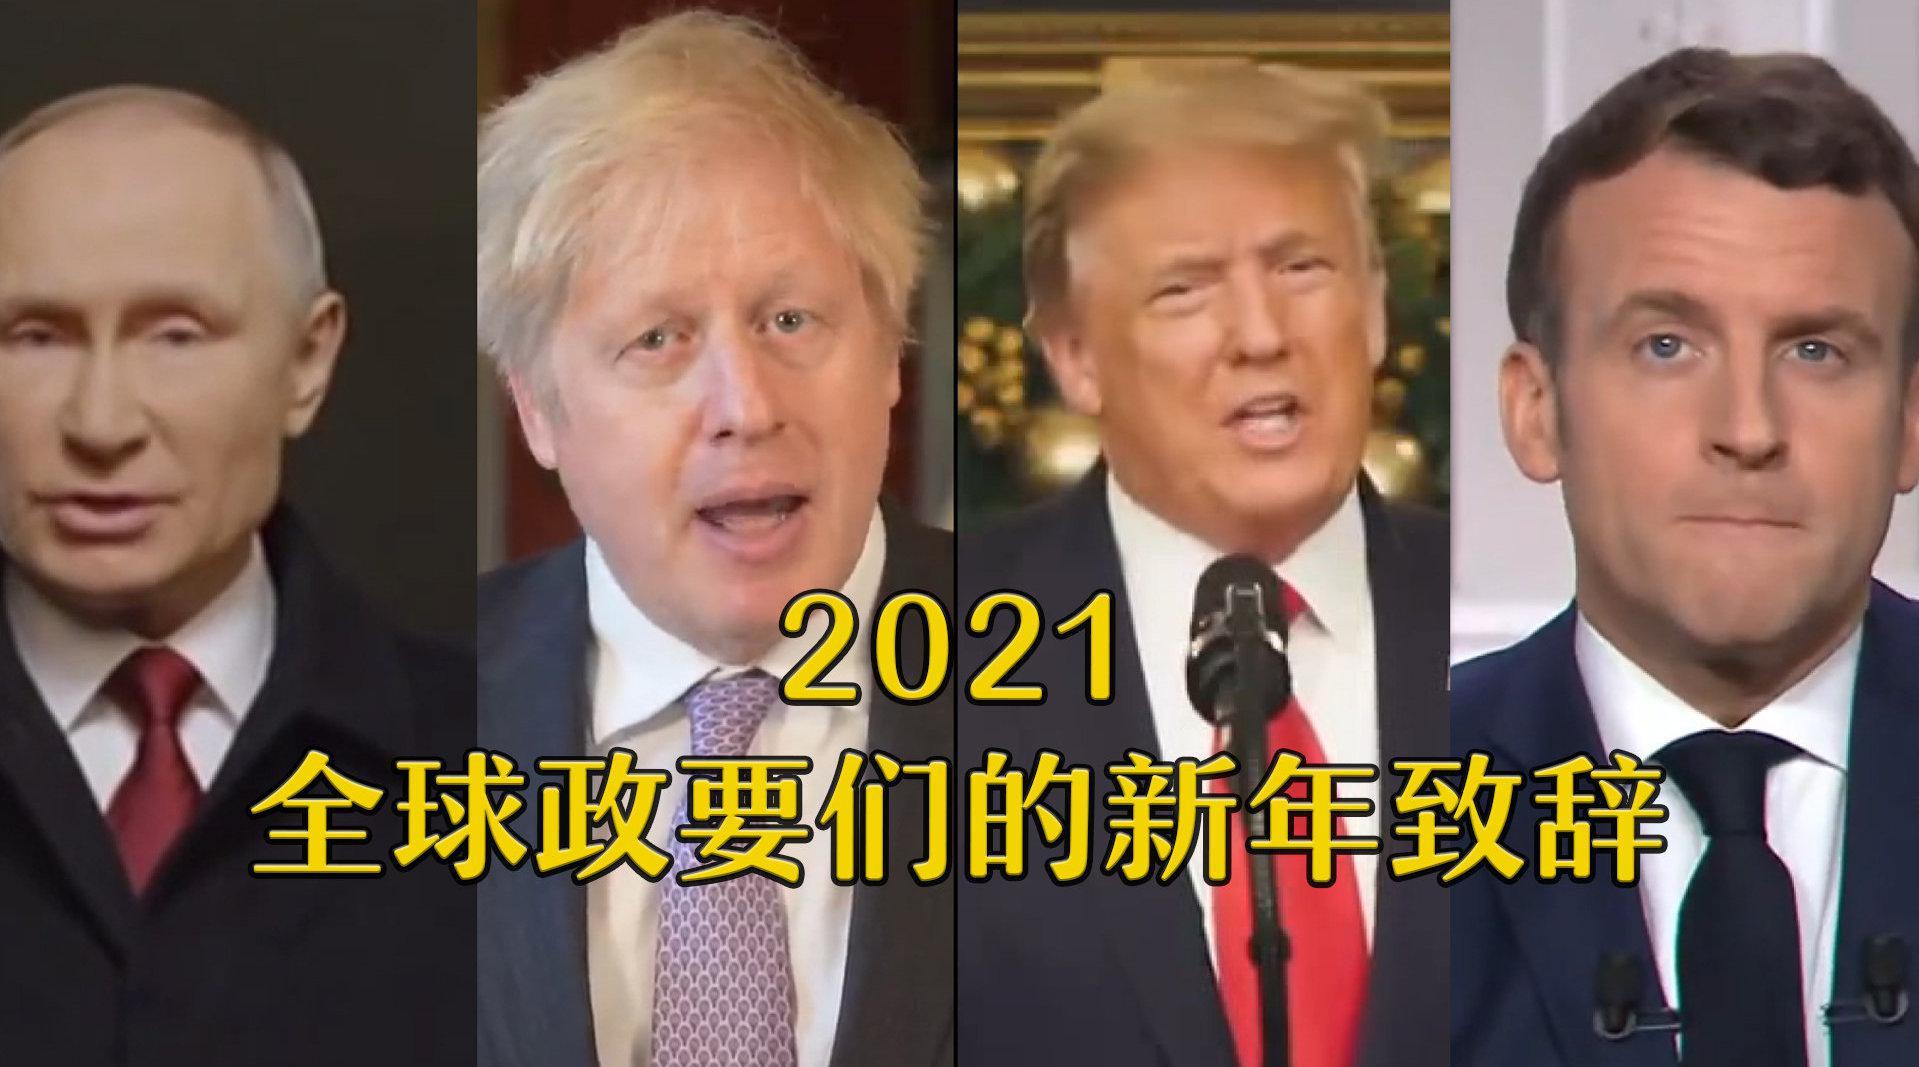 全球政要的2021新年致辞